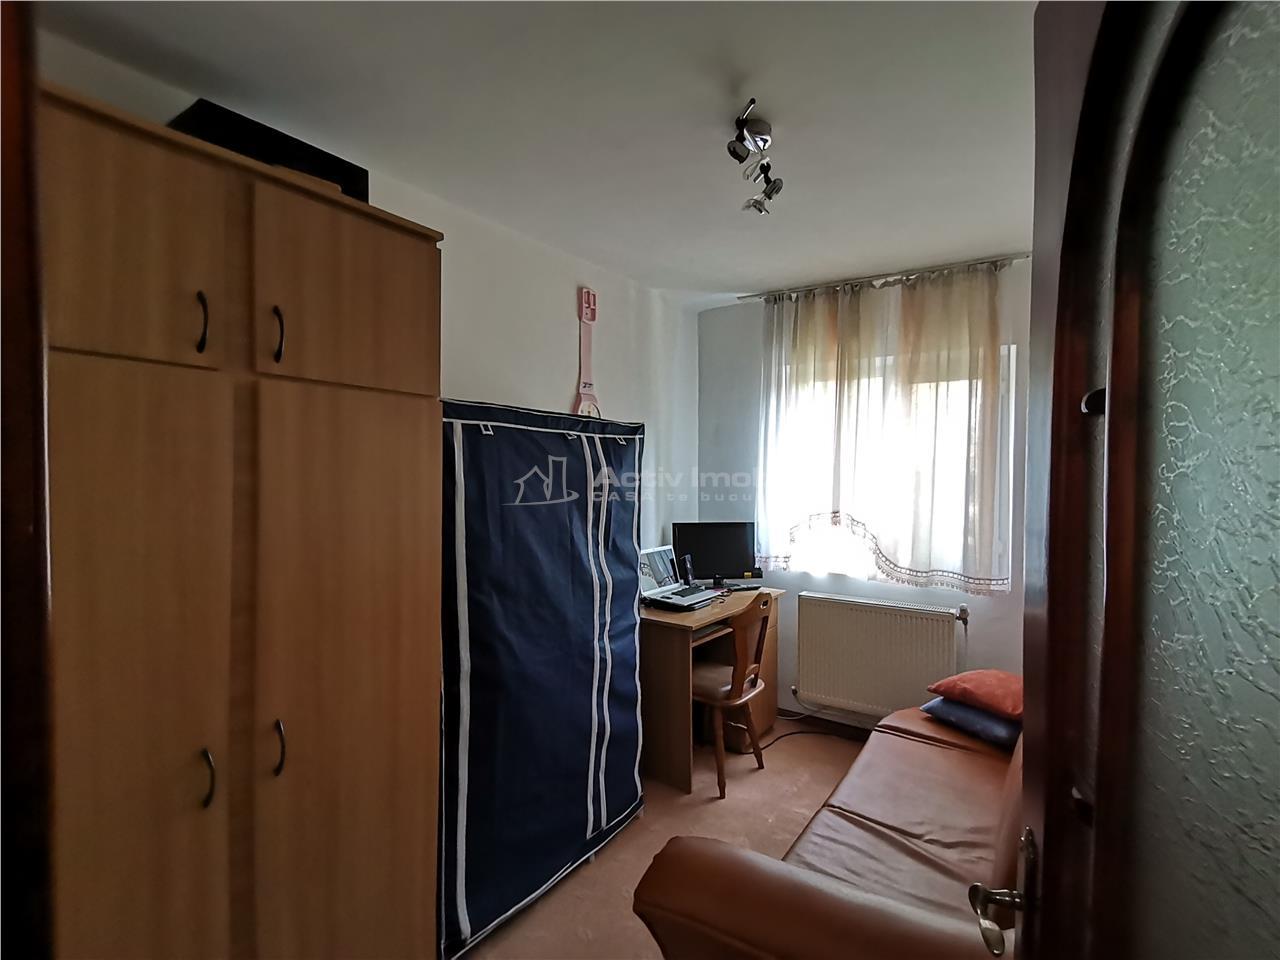 3 camere deconadat etaj 3 Burdujeni str, Amurgului Comision 0